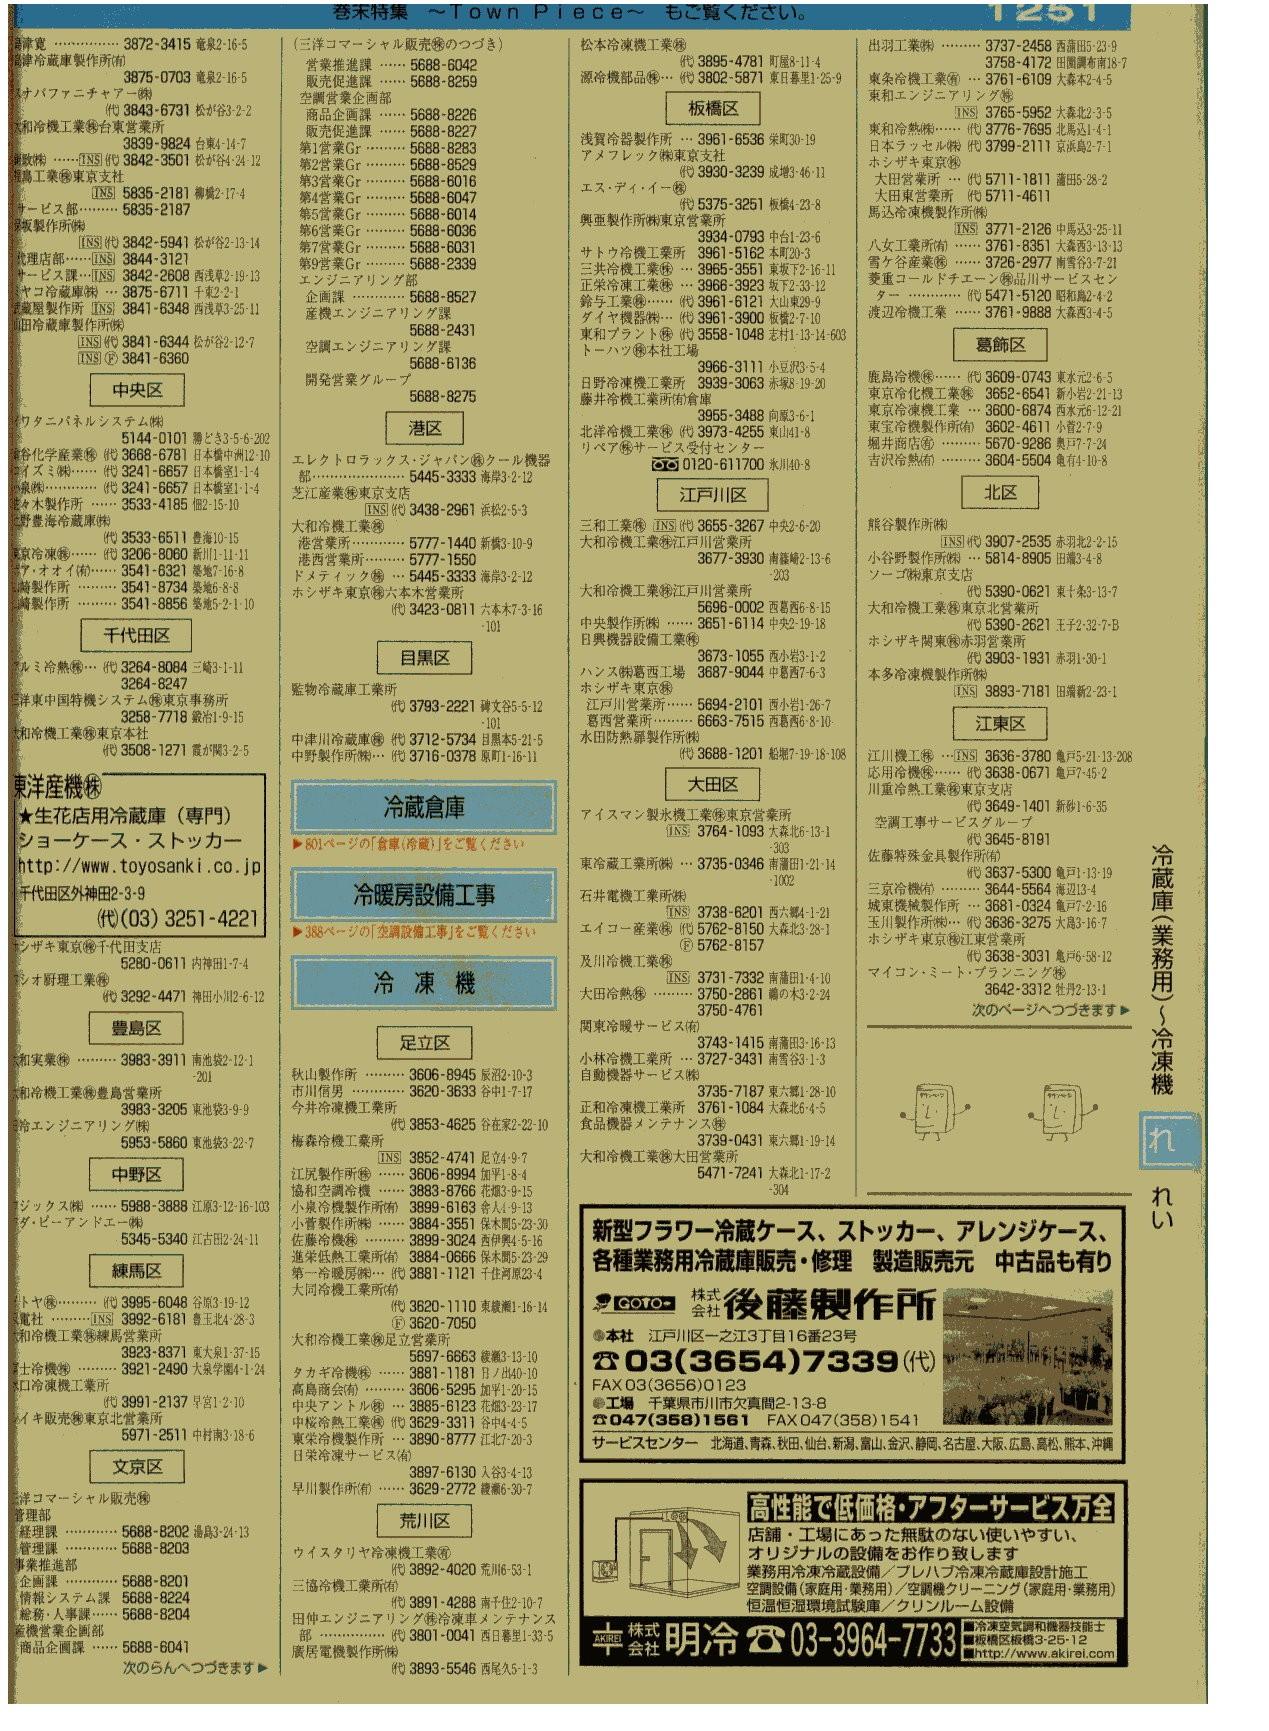 タウンページ 会社概要・会社案内 NTTタウンページ